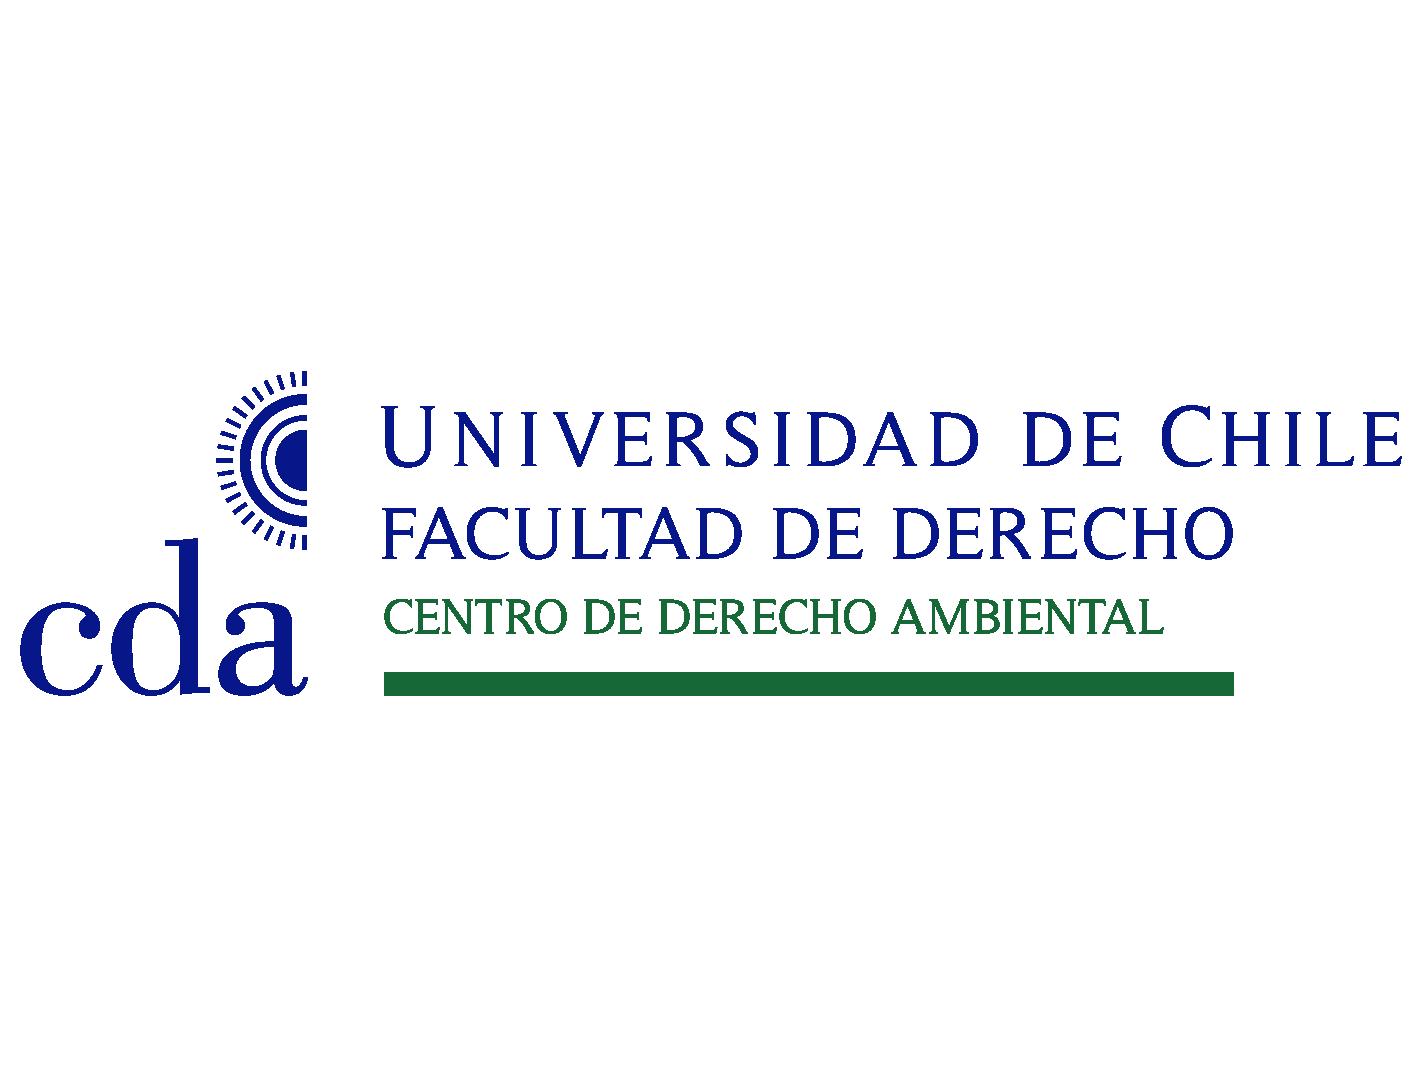 Universidad de Chile - Facultad de derecho - centro de derecho ambiental